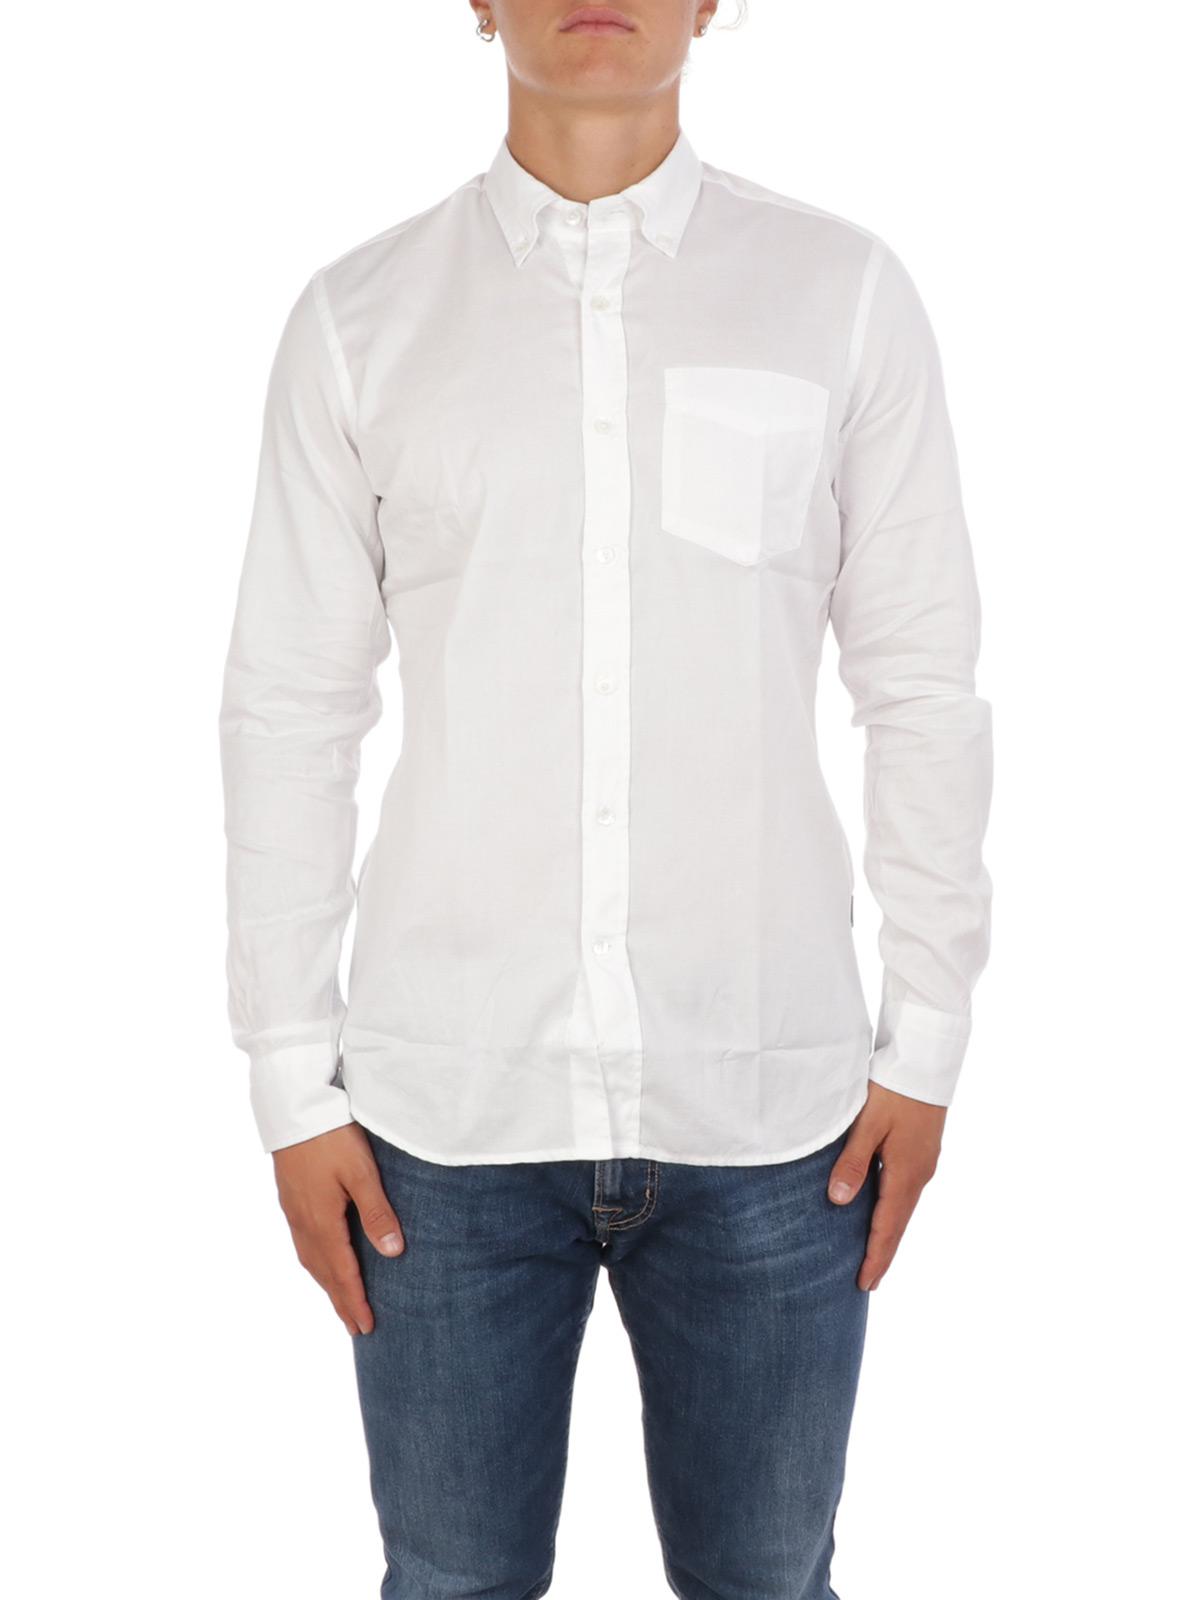 Taglia 44 Bianco Camice Uomo Cotone